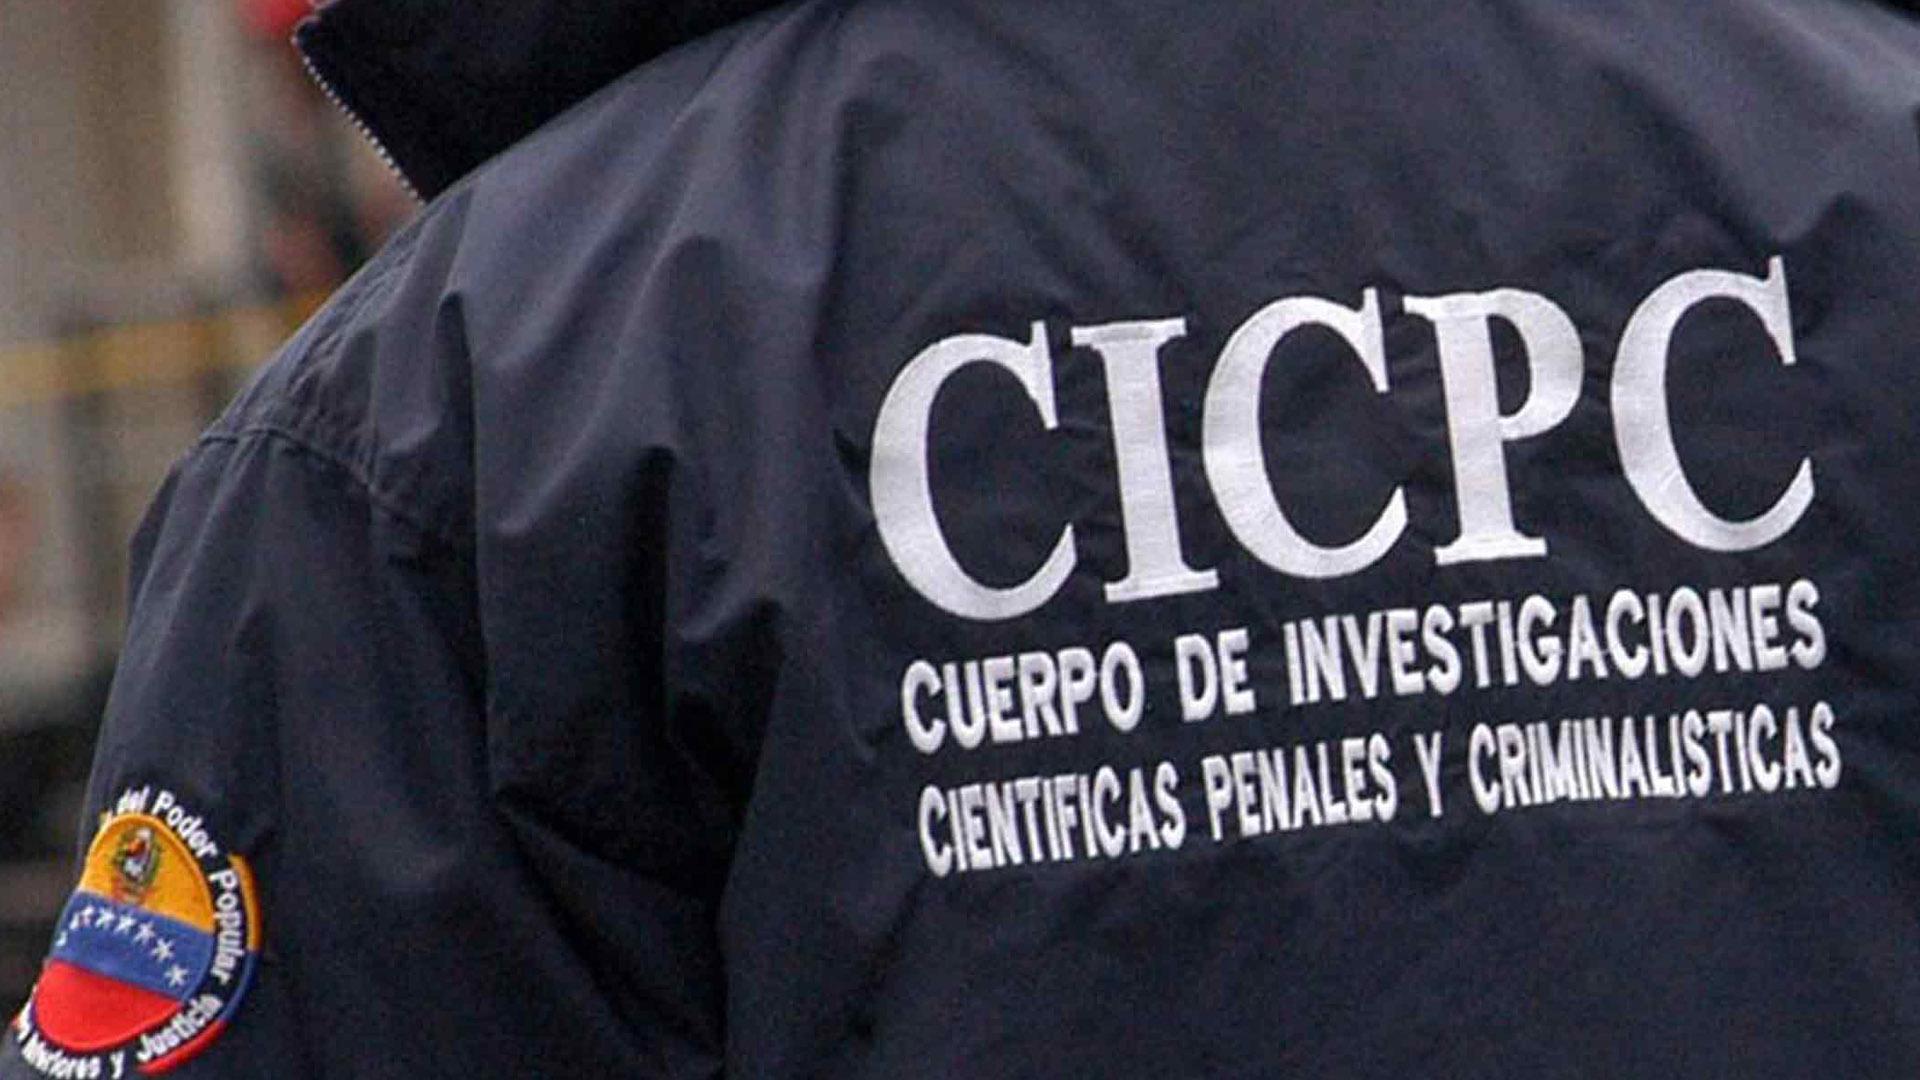 Los distintos cuerpos de investigaciones ya se encuentran realizando las experticias, para establecer las responsabilidades penales correspondientes